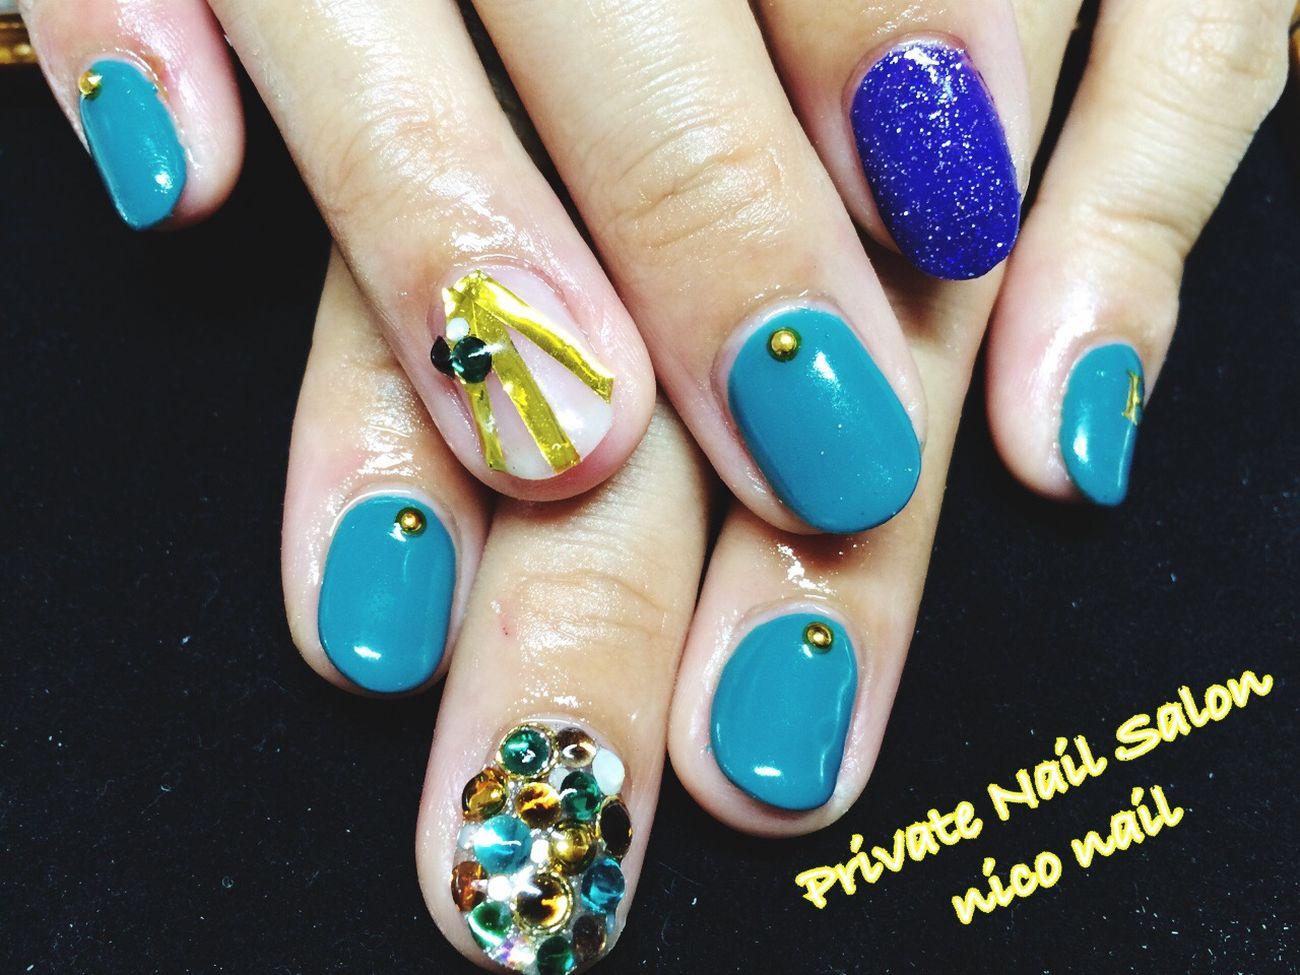 お客様ネイル Nail 格安 可愛い 自宅ネイル ネイル Nails Cute Gel Green スワロフスキー